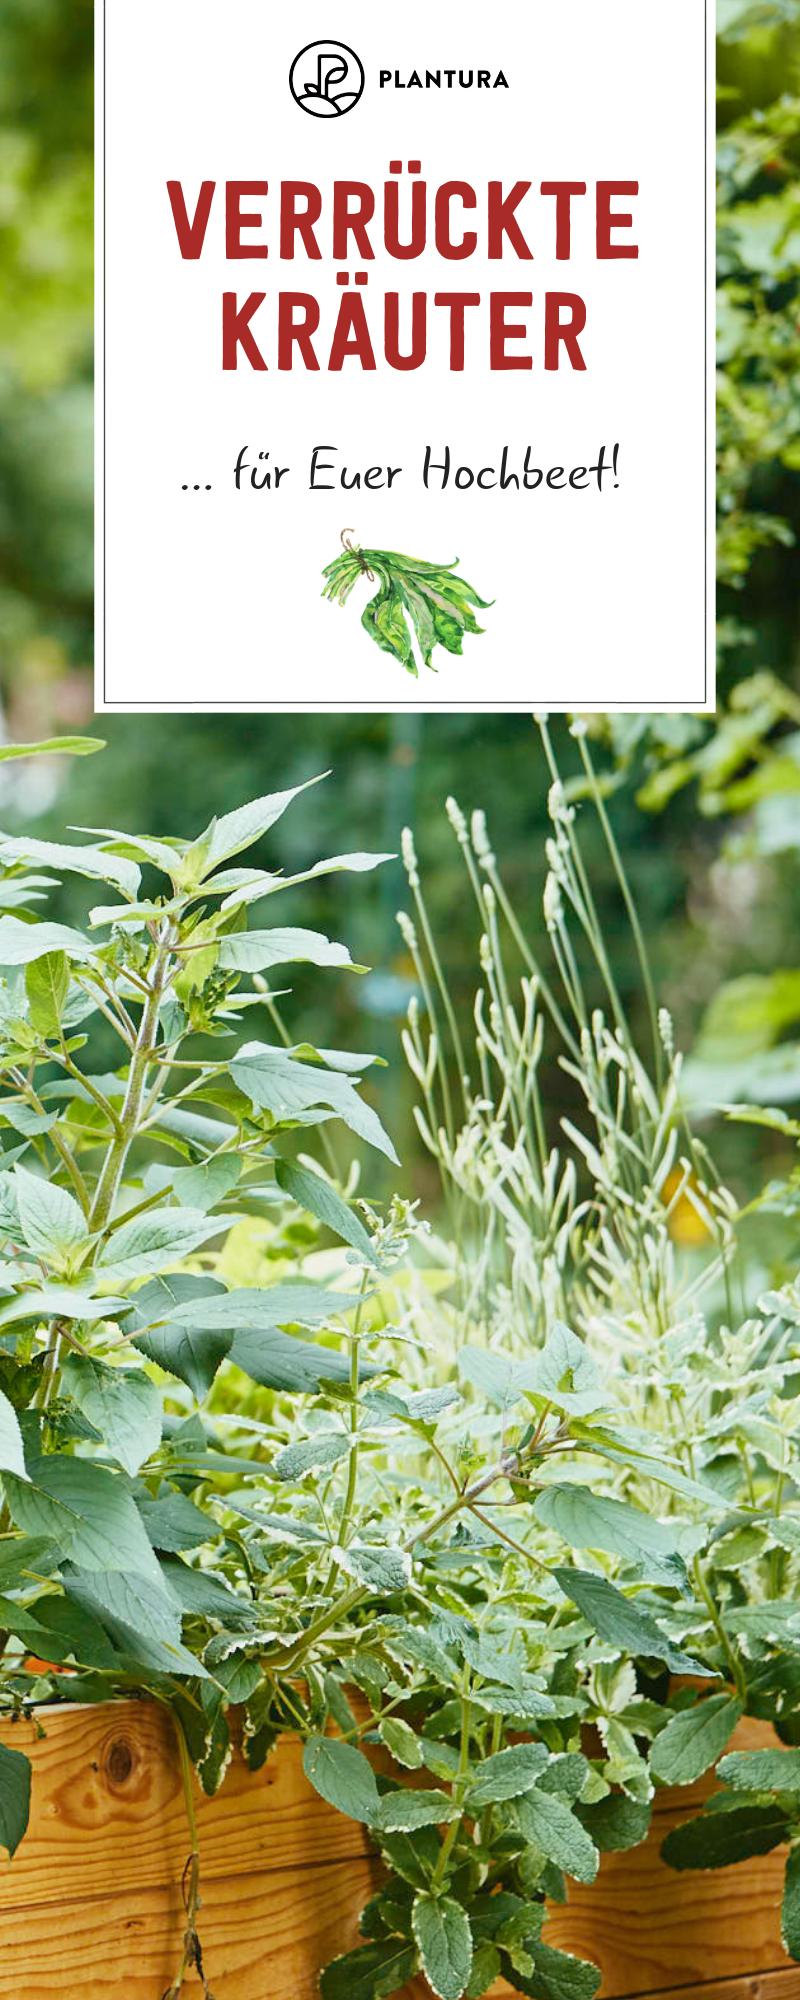 Verruckte Krauter Fur Das Hochbeet Die Top 5 Hochbeet Garten Hochbeet Gemusegarten Tipps